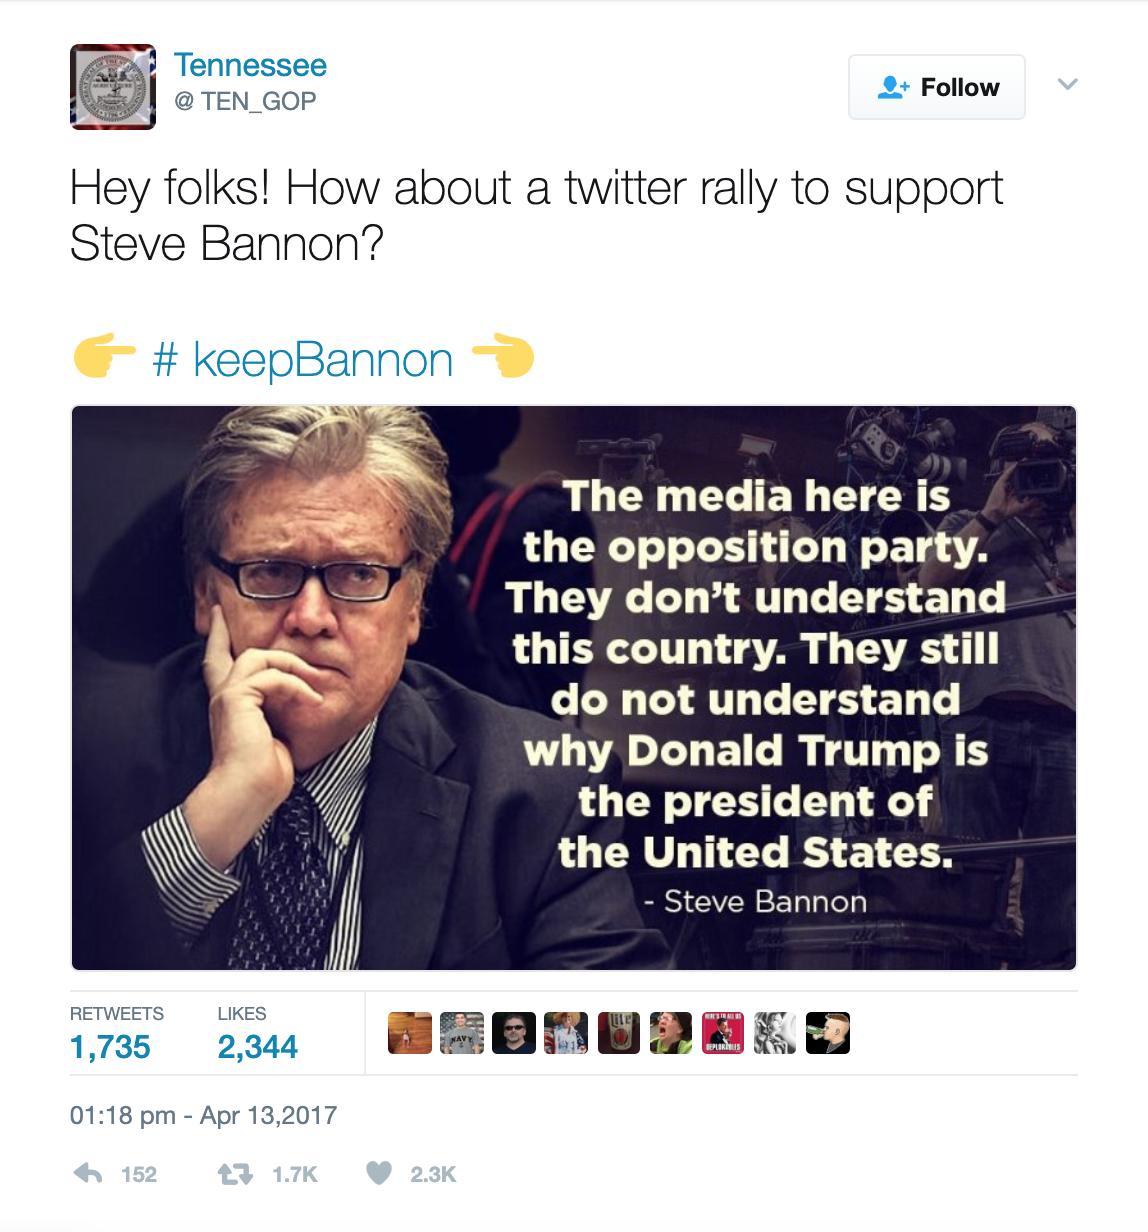 TEN_GOP tweet